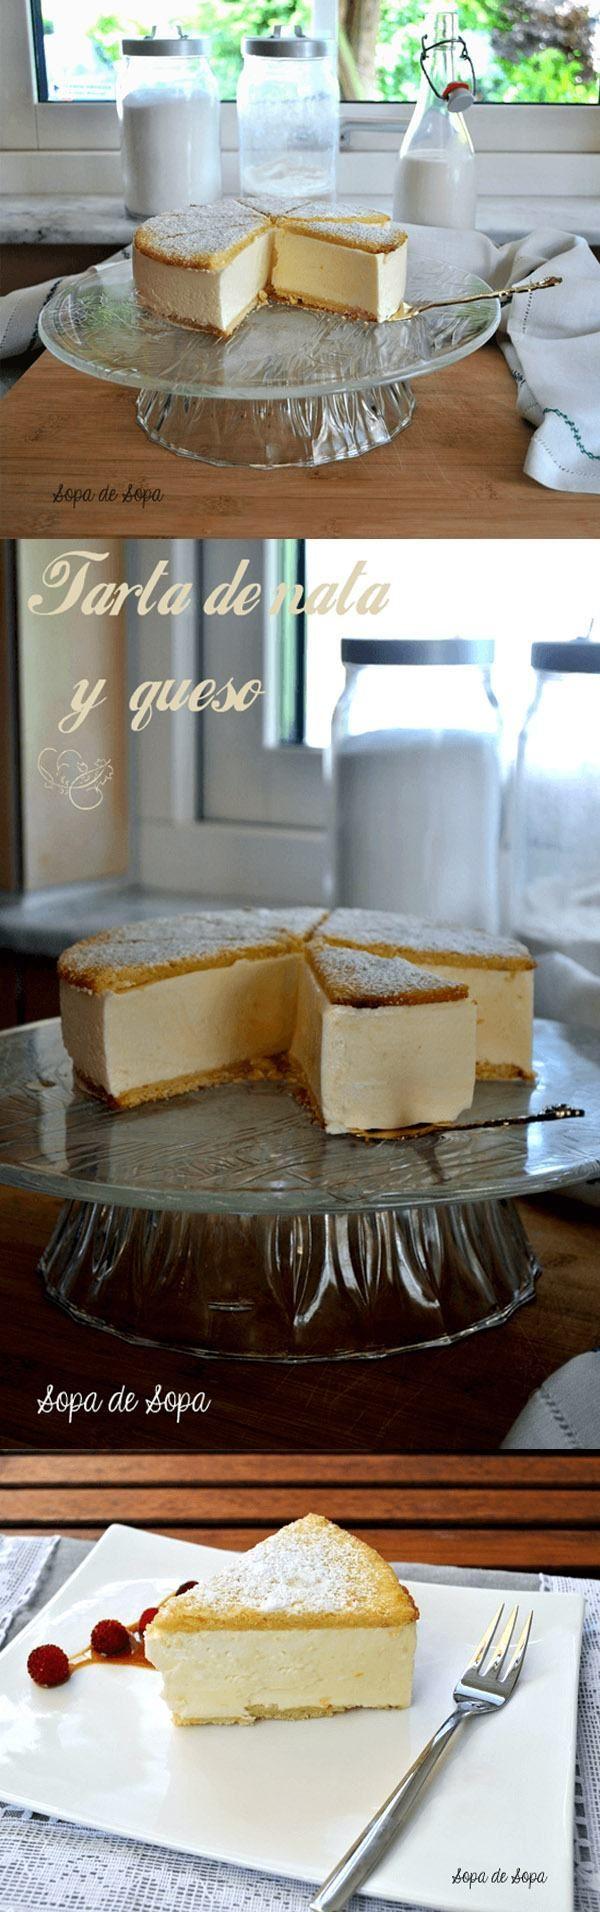 Tarta de nata y queso / https://sopadesopa.blogspot.com.es